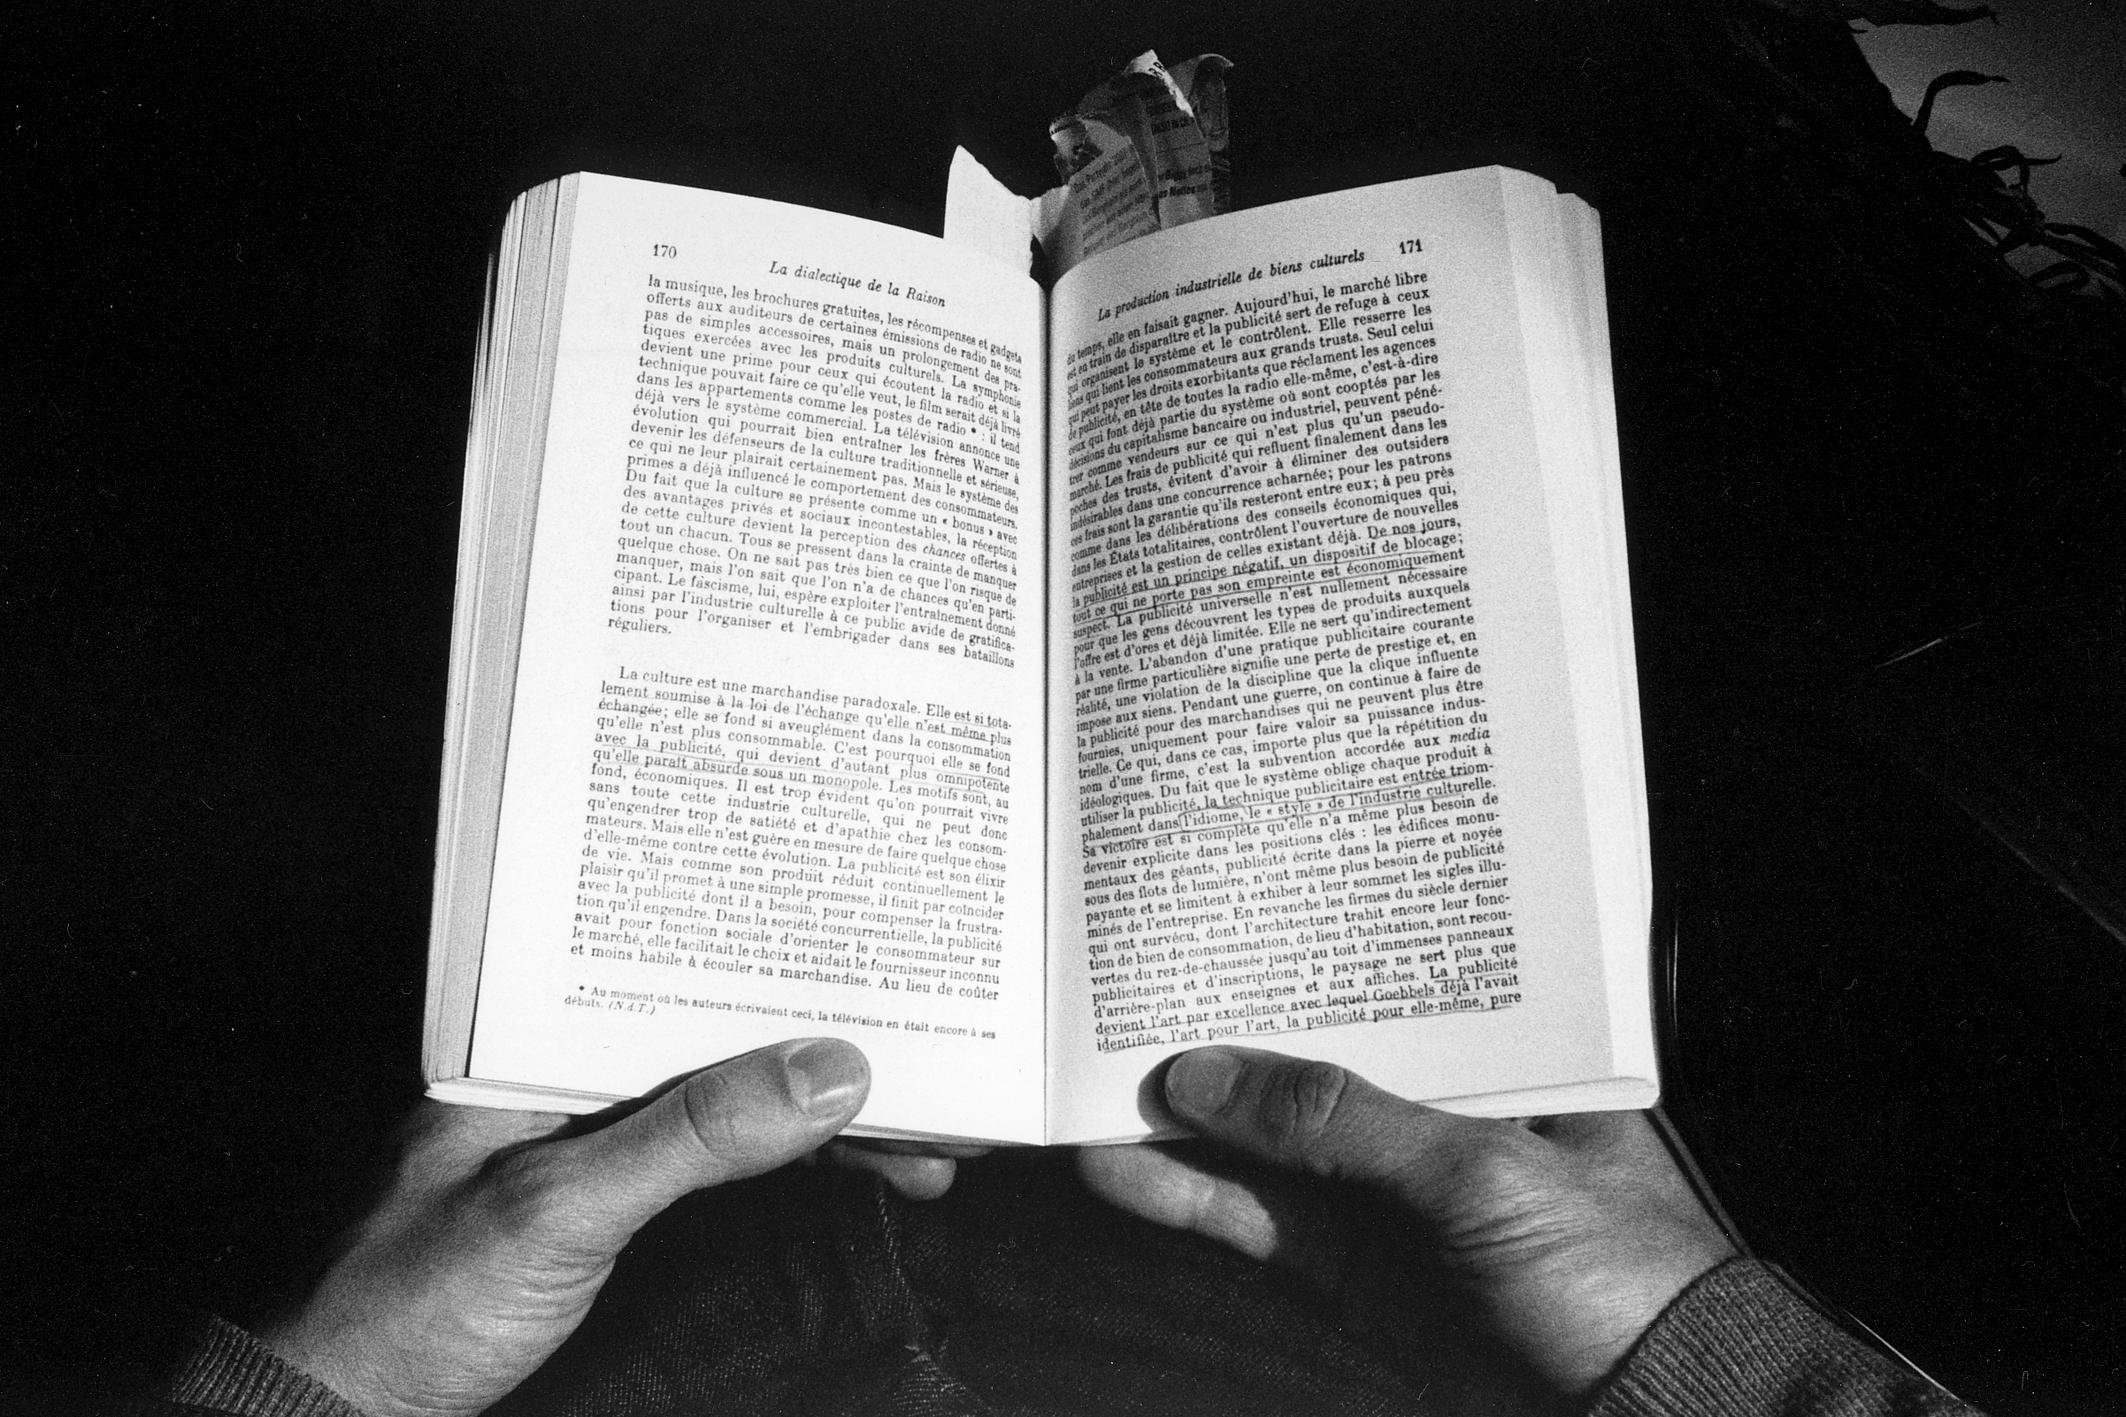 En los libros II, 2007<br/>Gelatina de plata sobre papel baritado / Silver gelatin on baryta paper